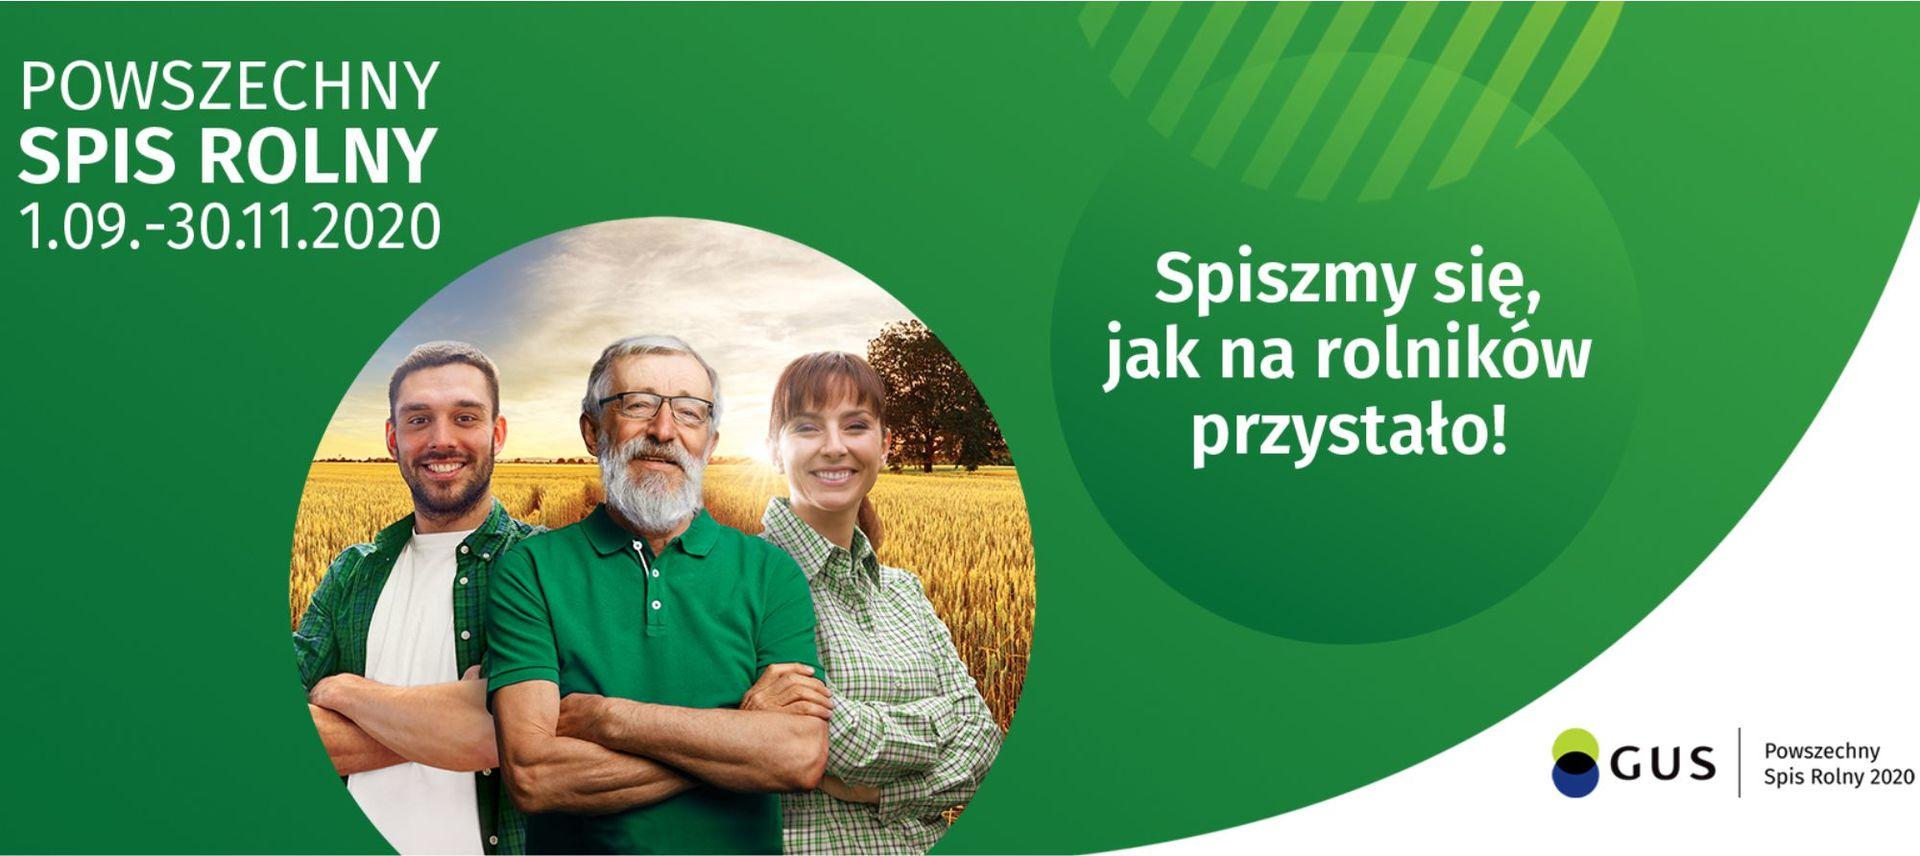 Rachmistrze będą przeprowadzać spis rolny wyłącznie telefonicznie